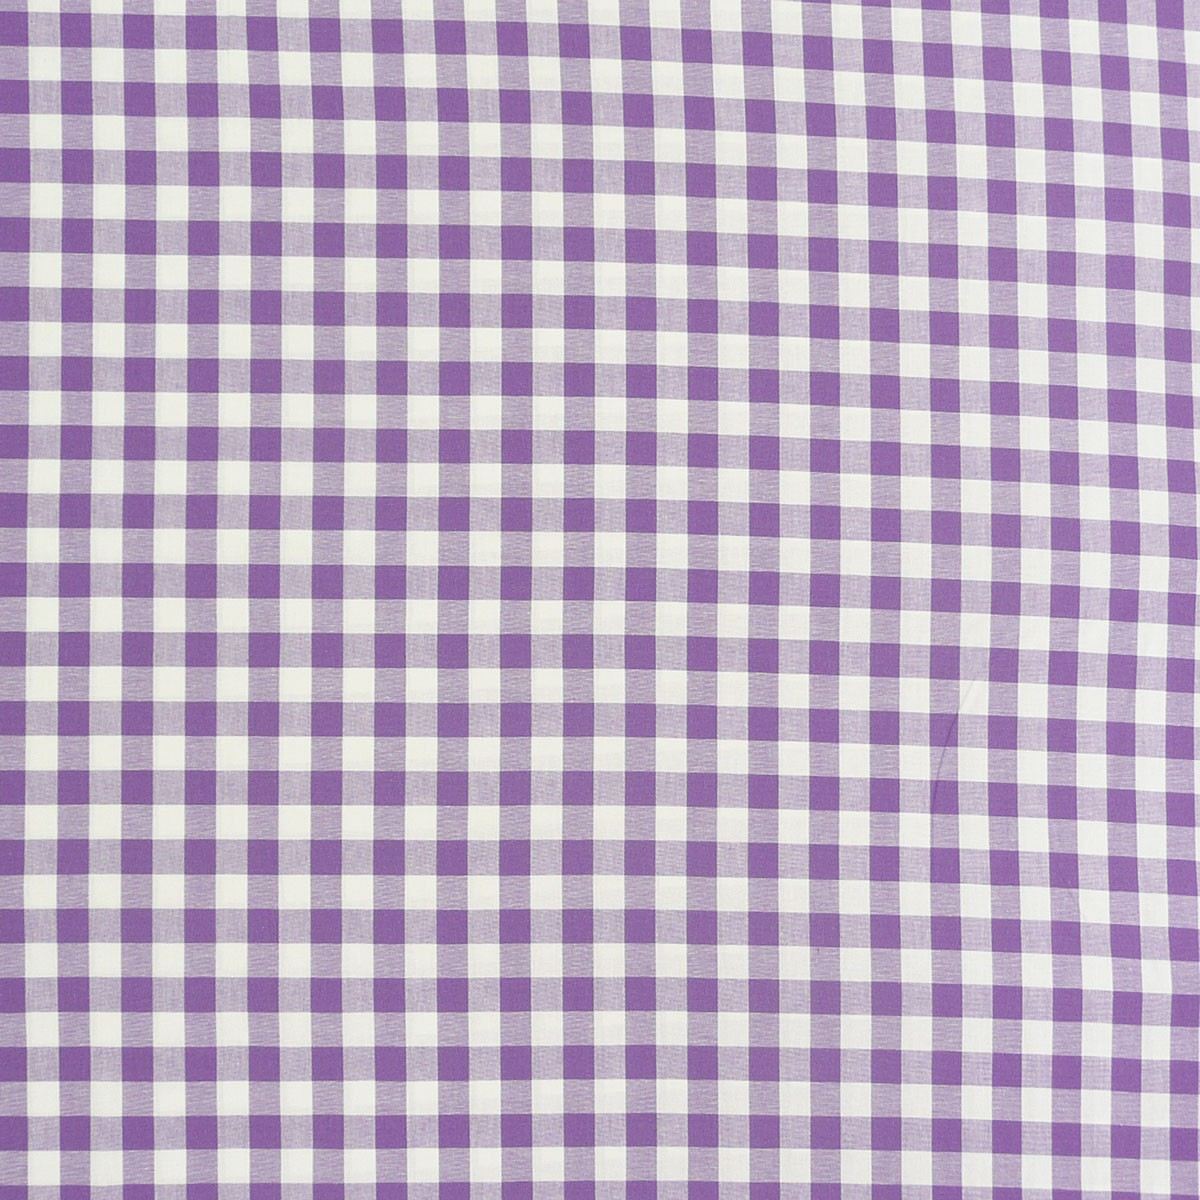 Baumwollstoff kariert weiß lila 16mm 1,4m Breite